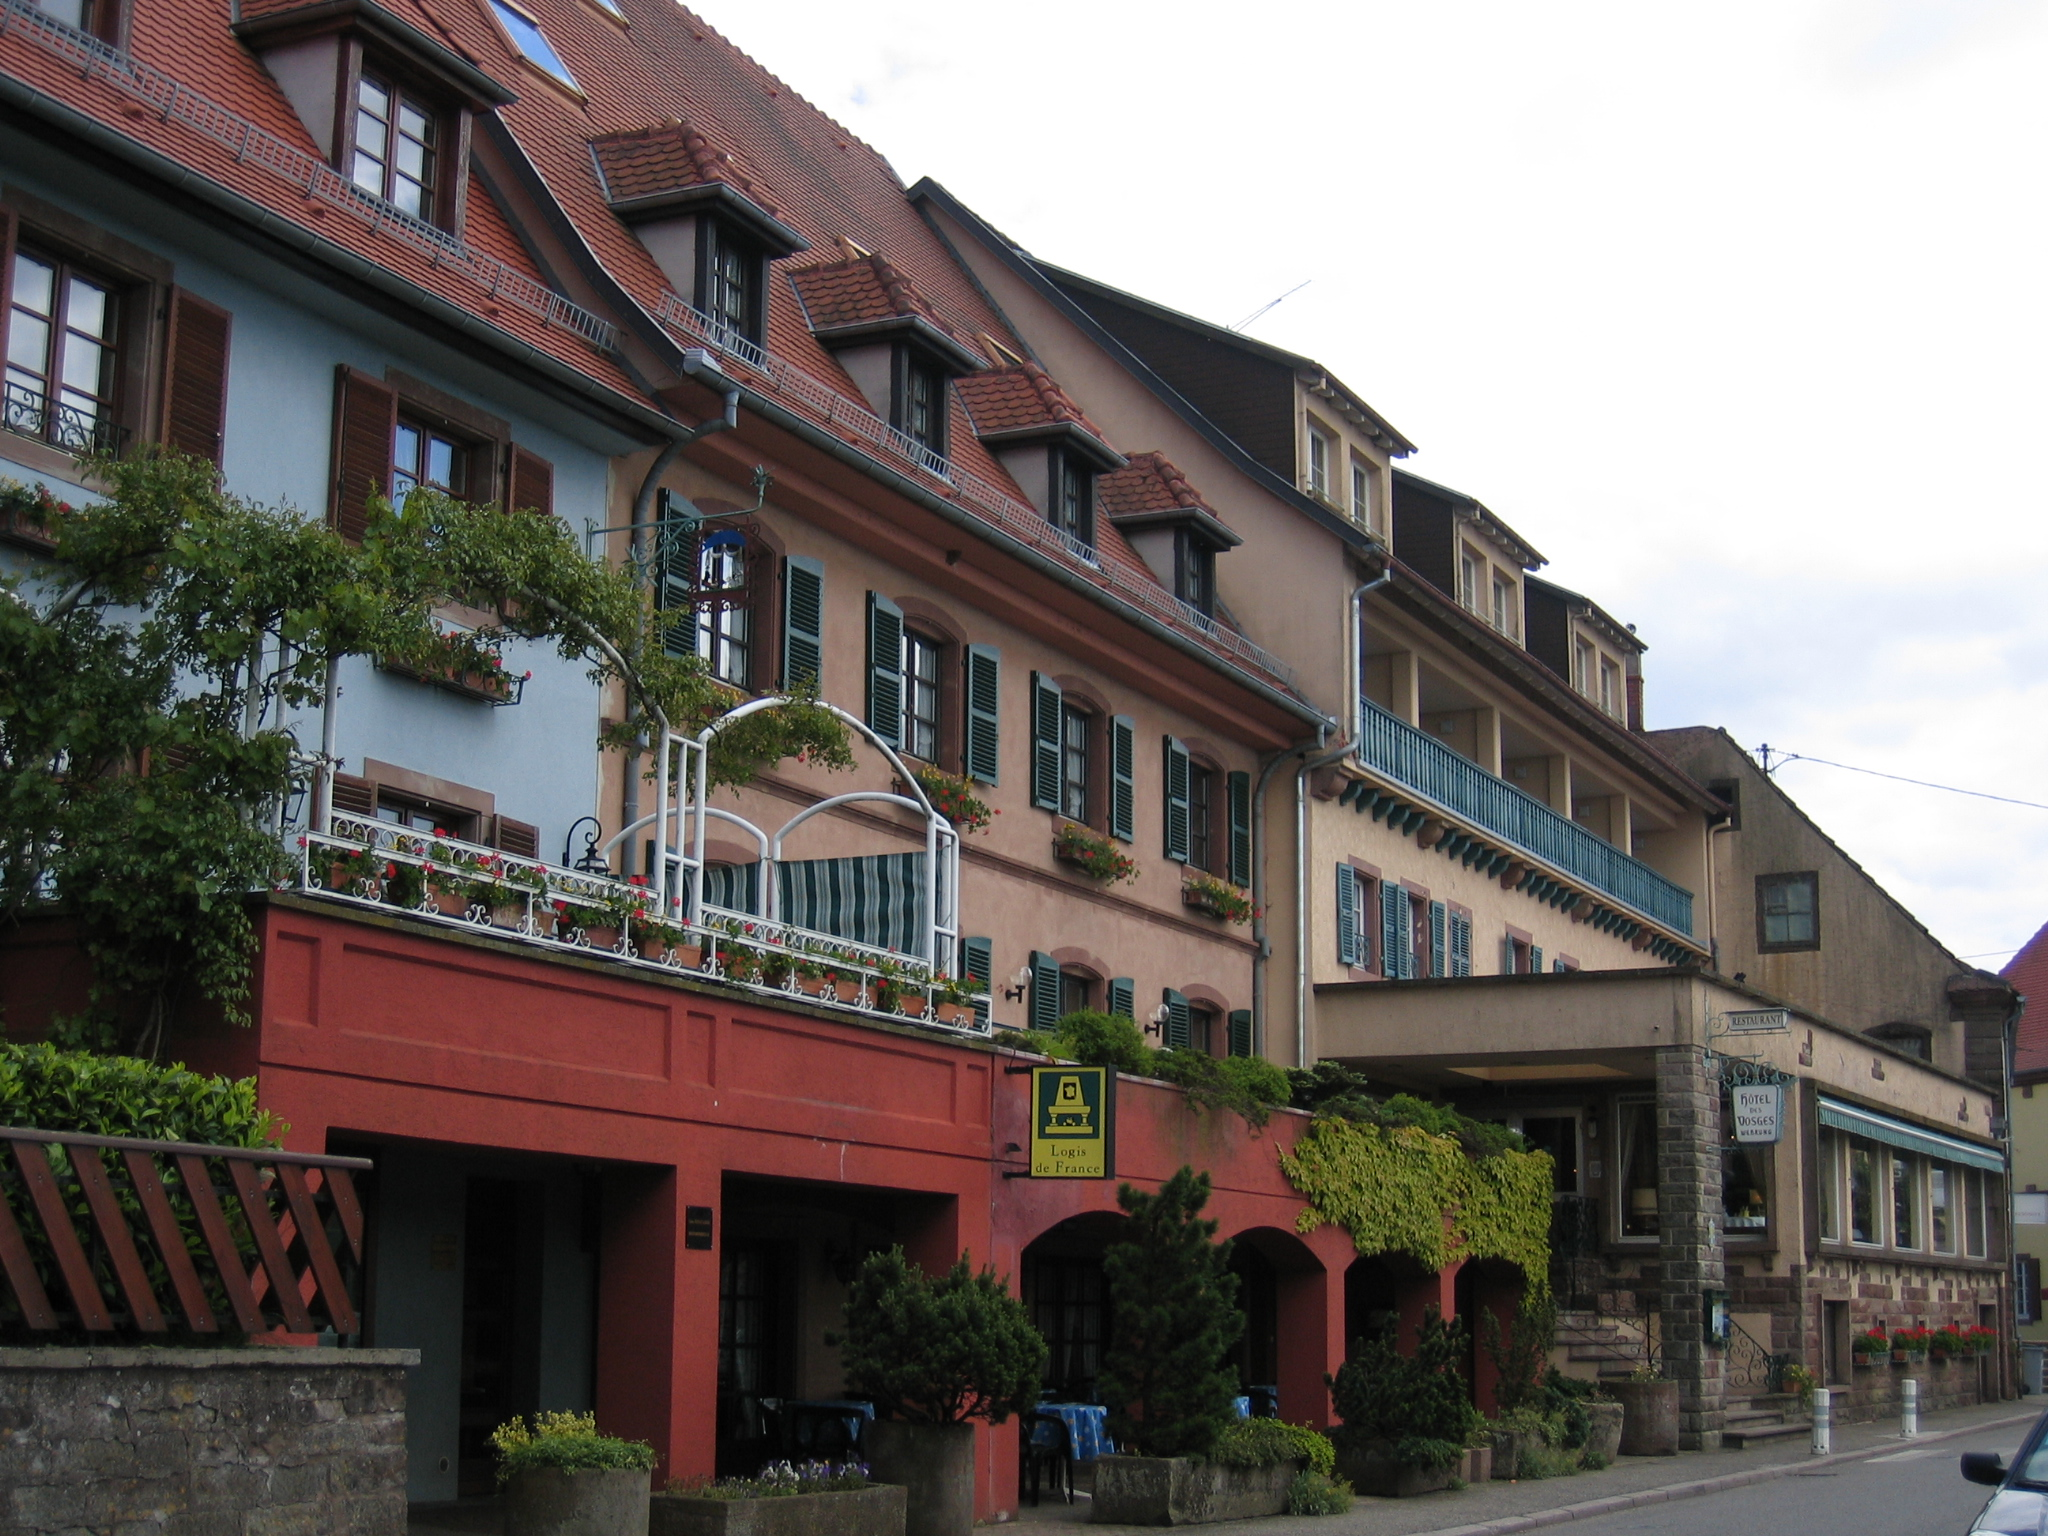 Hôtel - restaurant Les Vosges